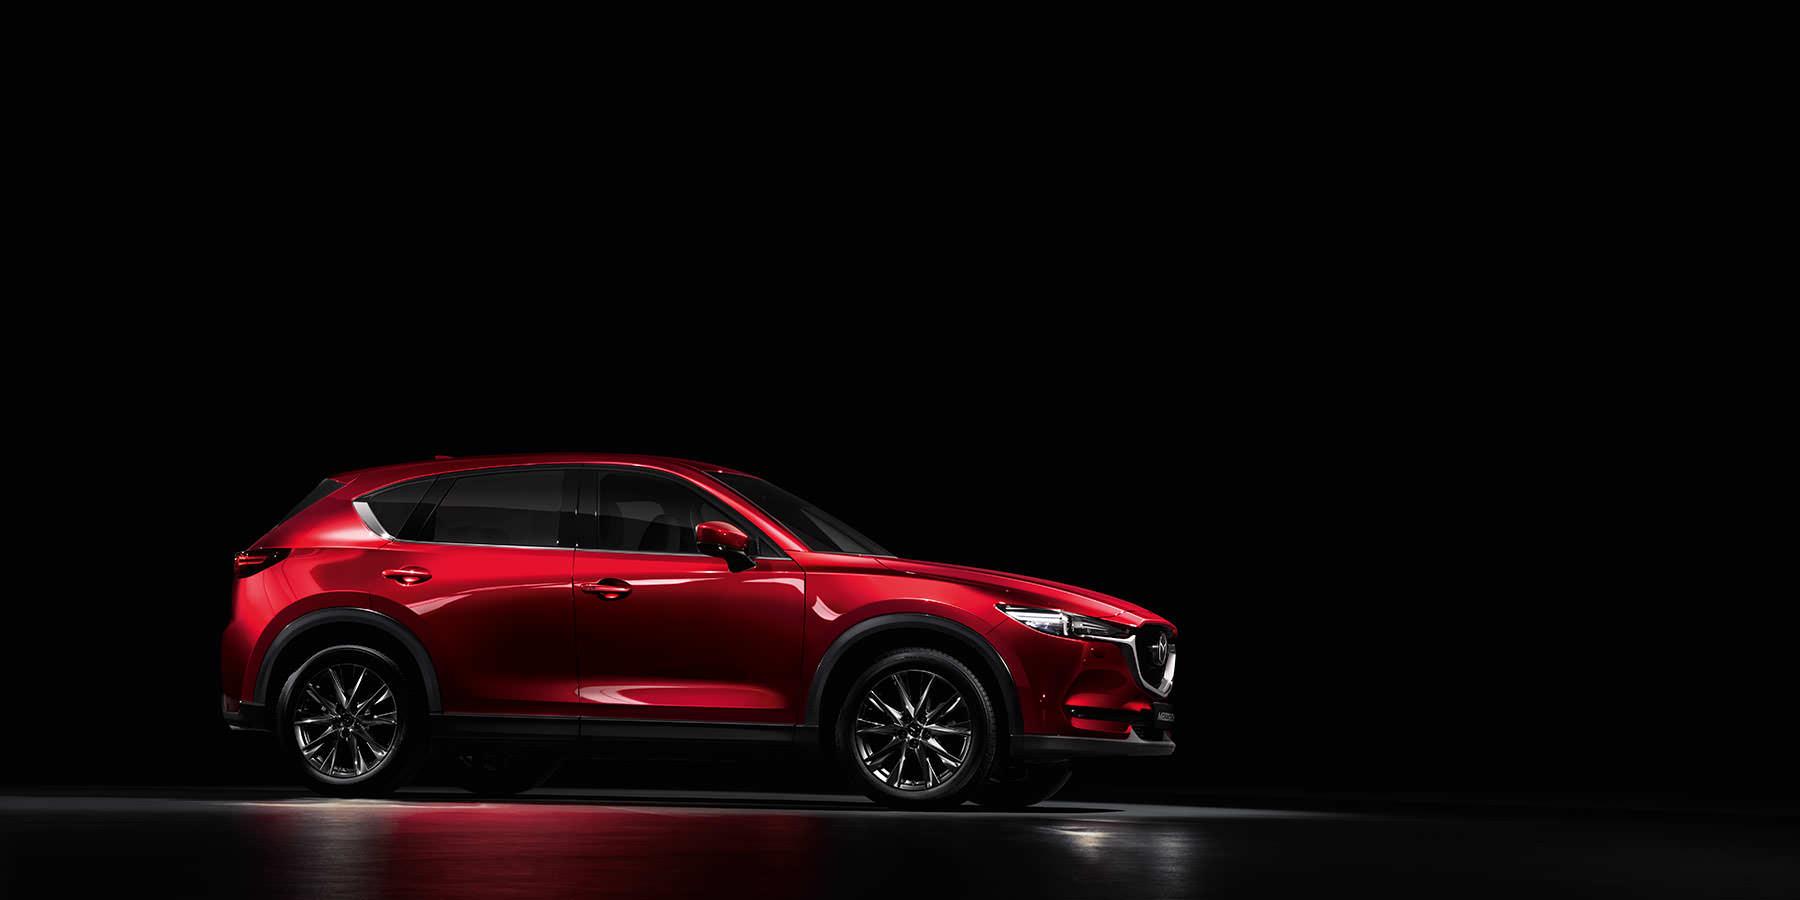 Ongebruikt Mazda CX-5 | Mazda WG-87